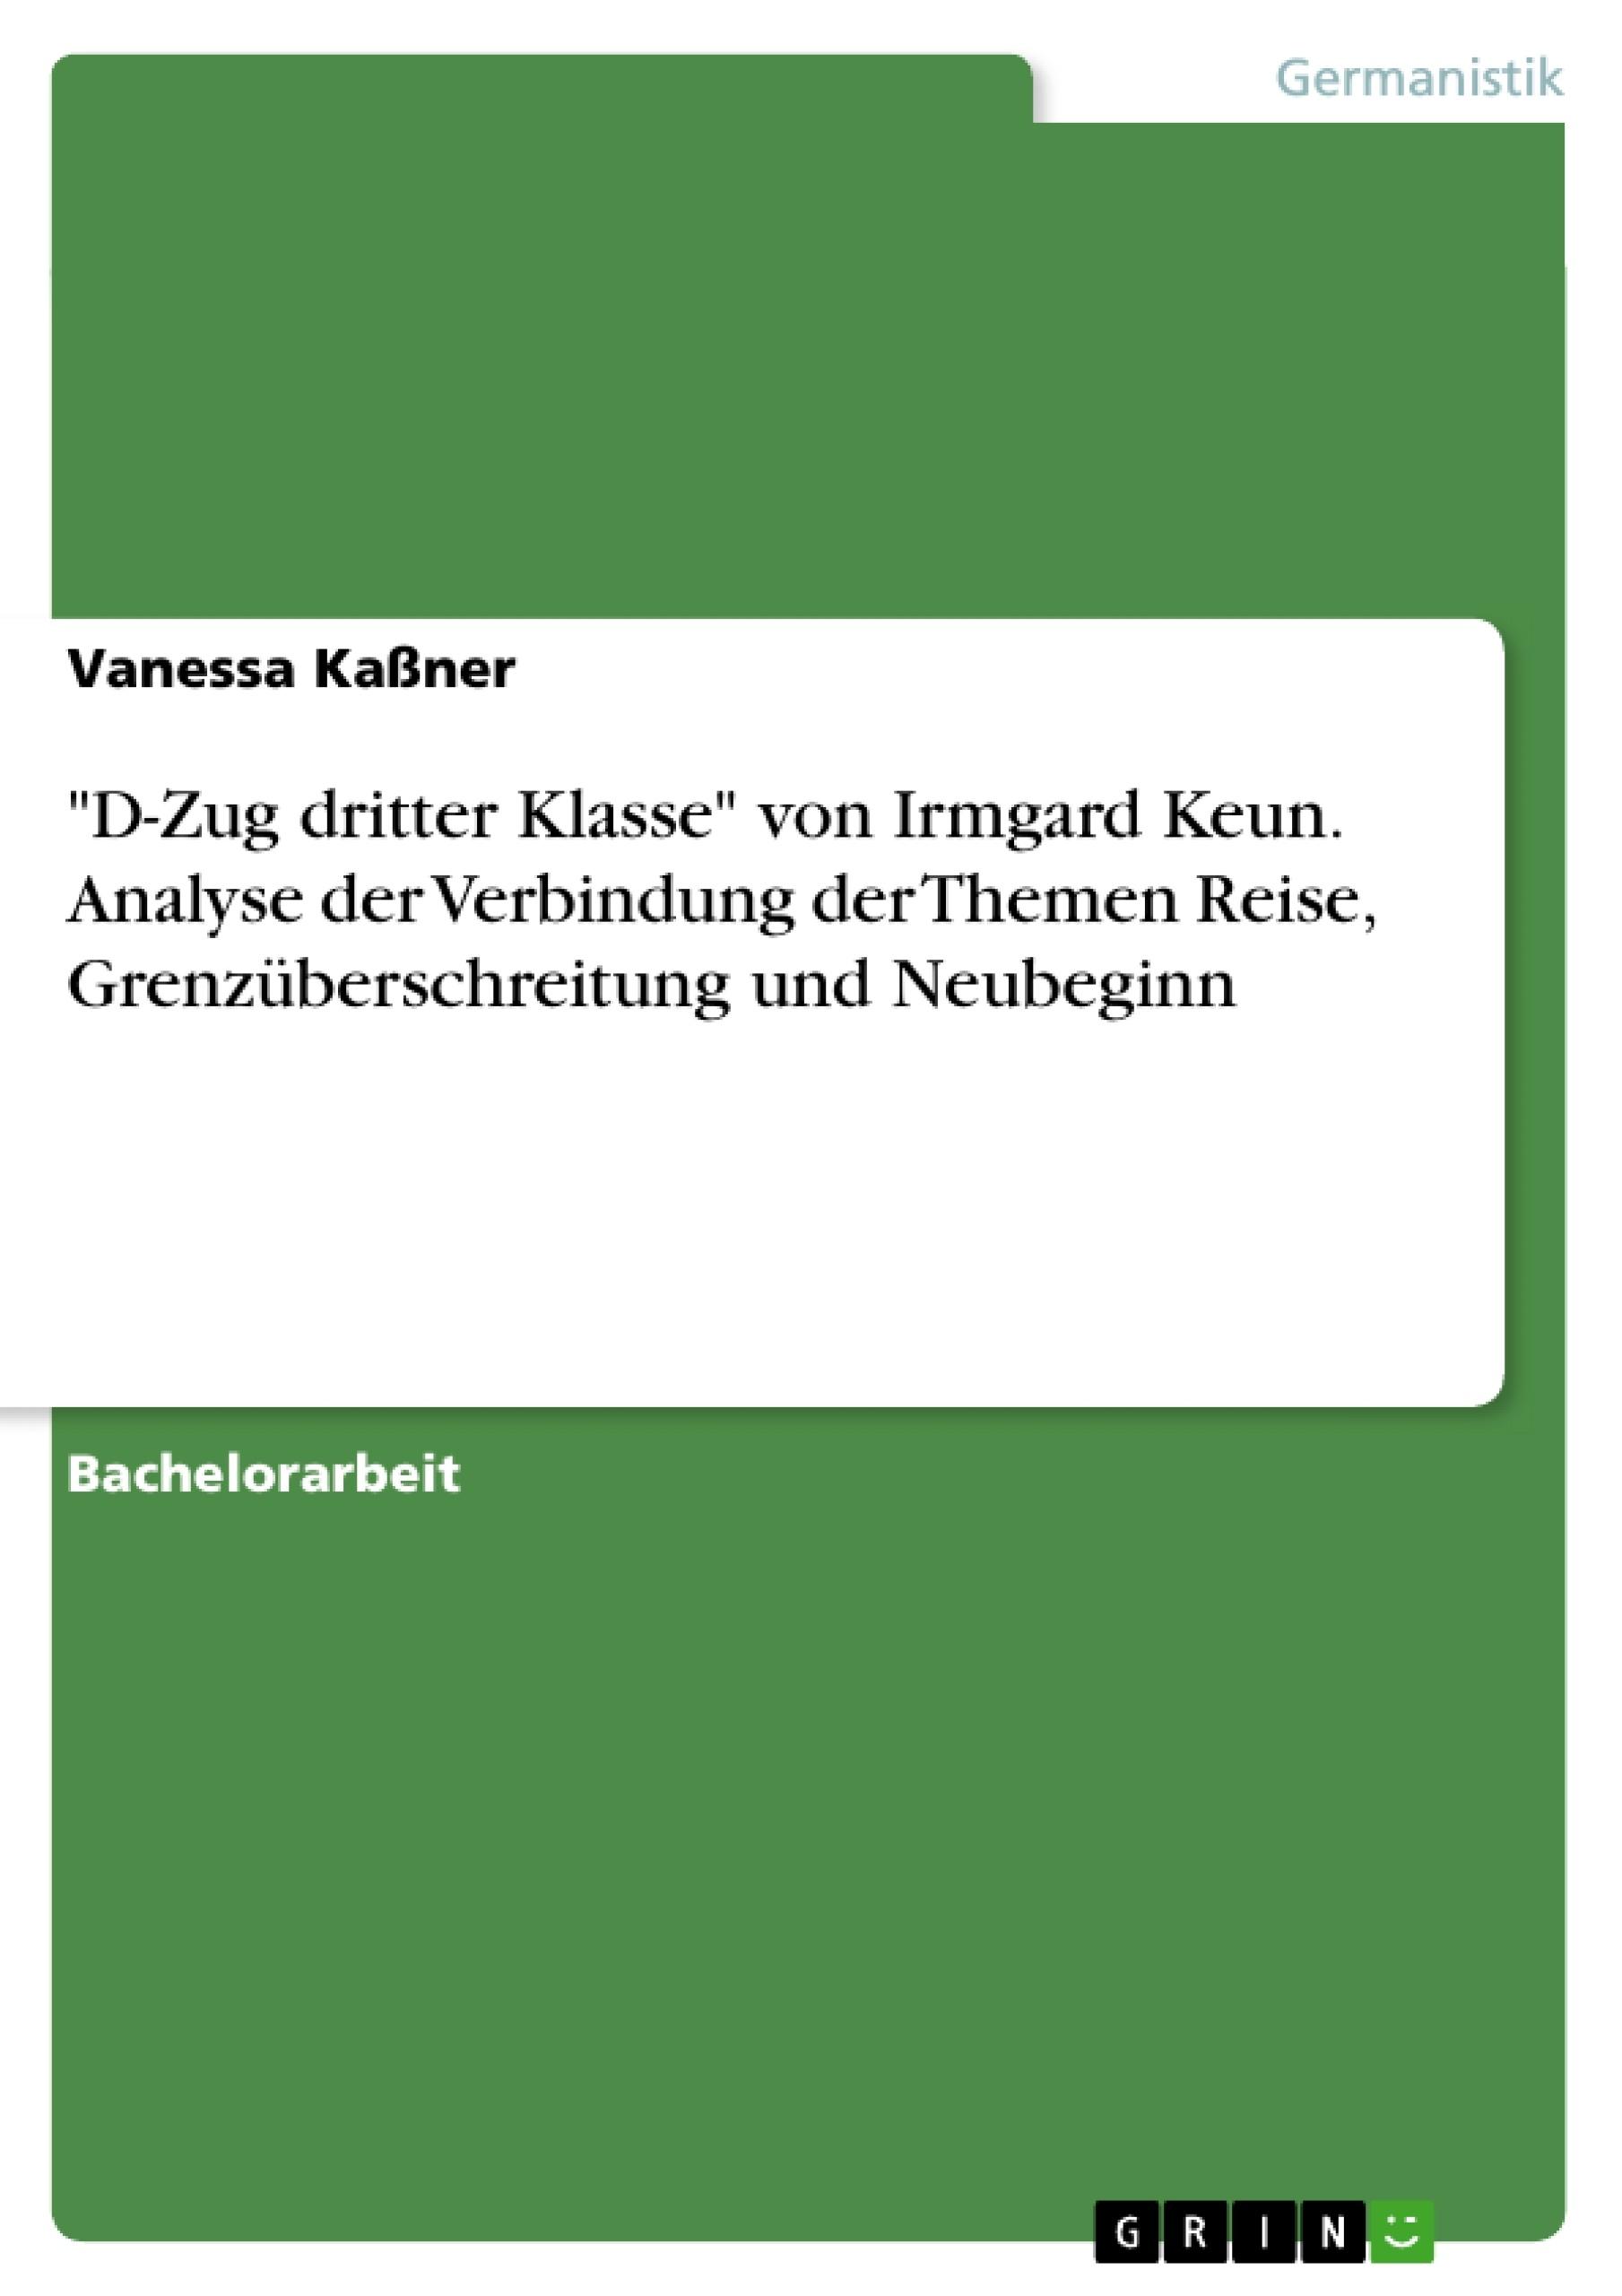 """Titel: """"D-Zug dritter Klasse"""" von Irmgard Keun. Analyse der Verbindung der Themen Reise, Grenzüberschreitung und Neubeginn"""